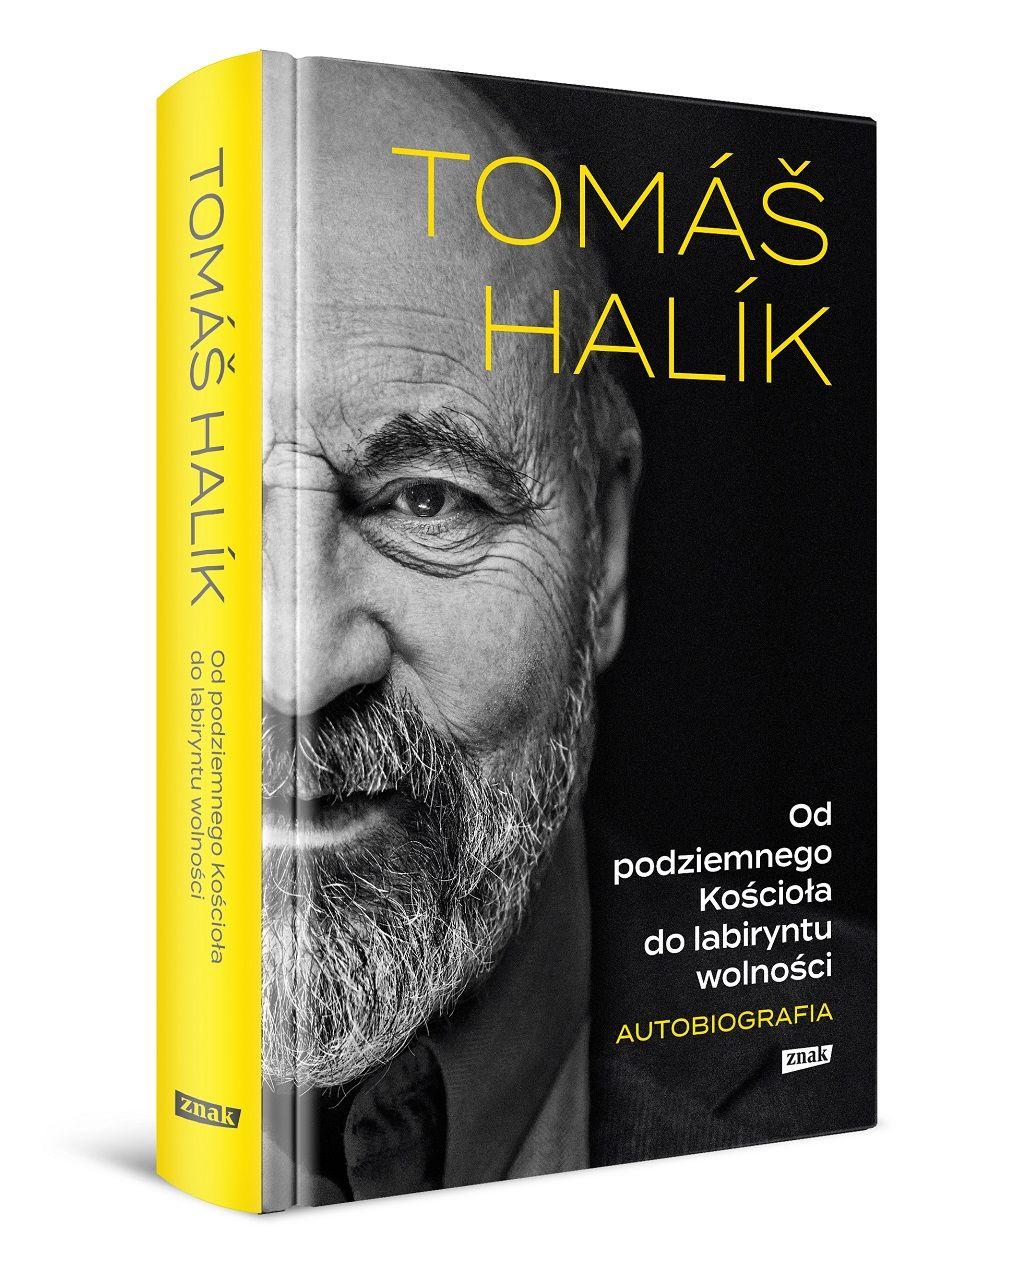 ks. Tomáš Halík – Od podziemnego Kościoła do labiryntu wolności. Autobiografia.